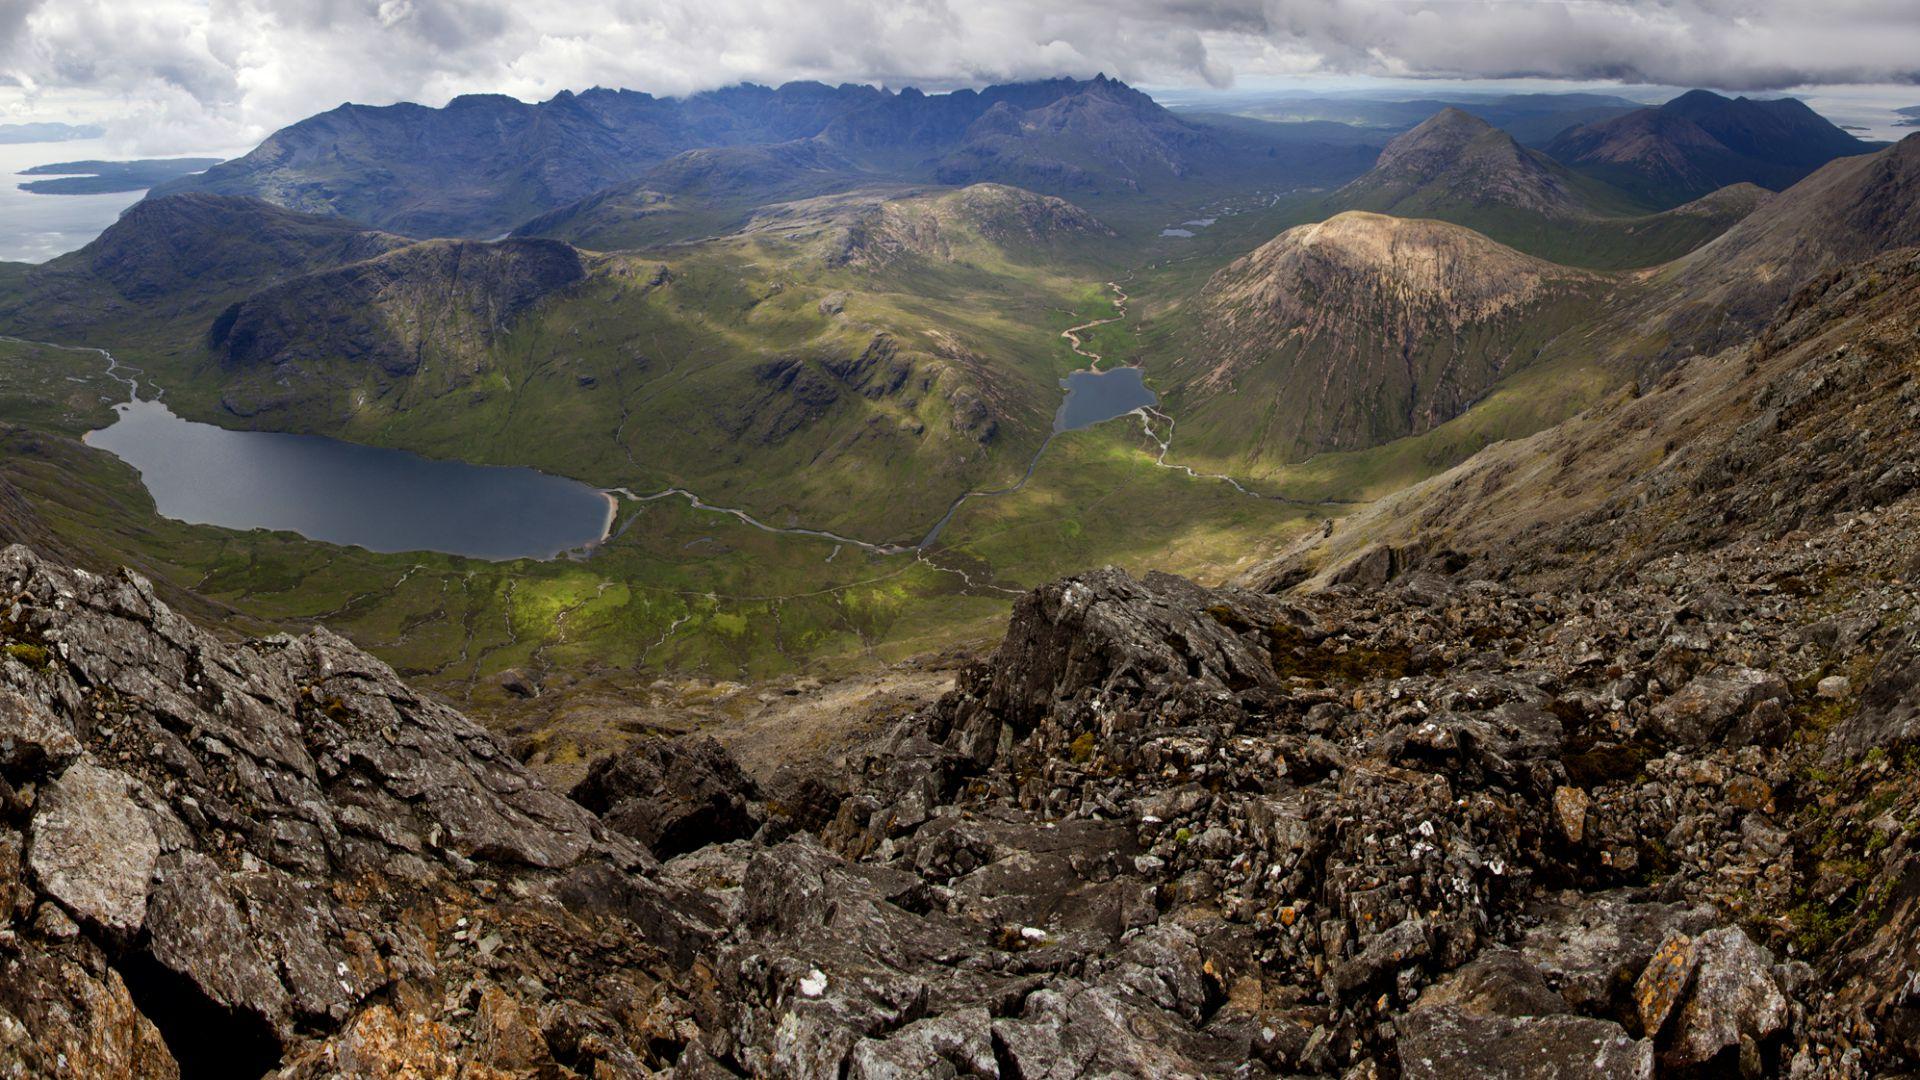 wallpaper scotland, 4k, hd wallpaper, travel, tourism, mountain